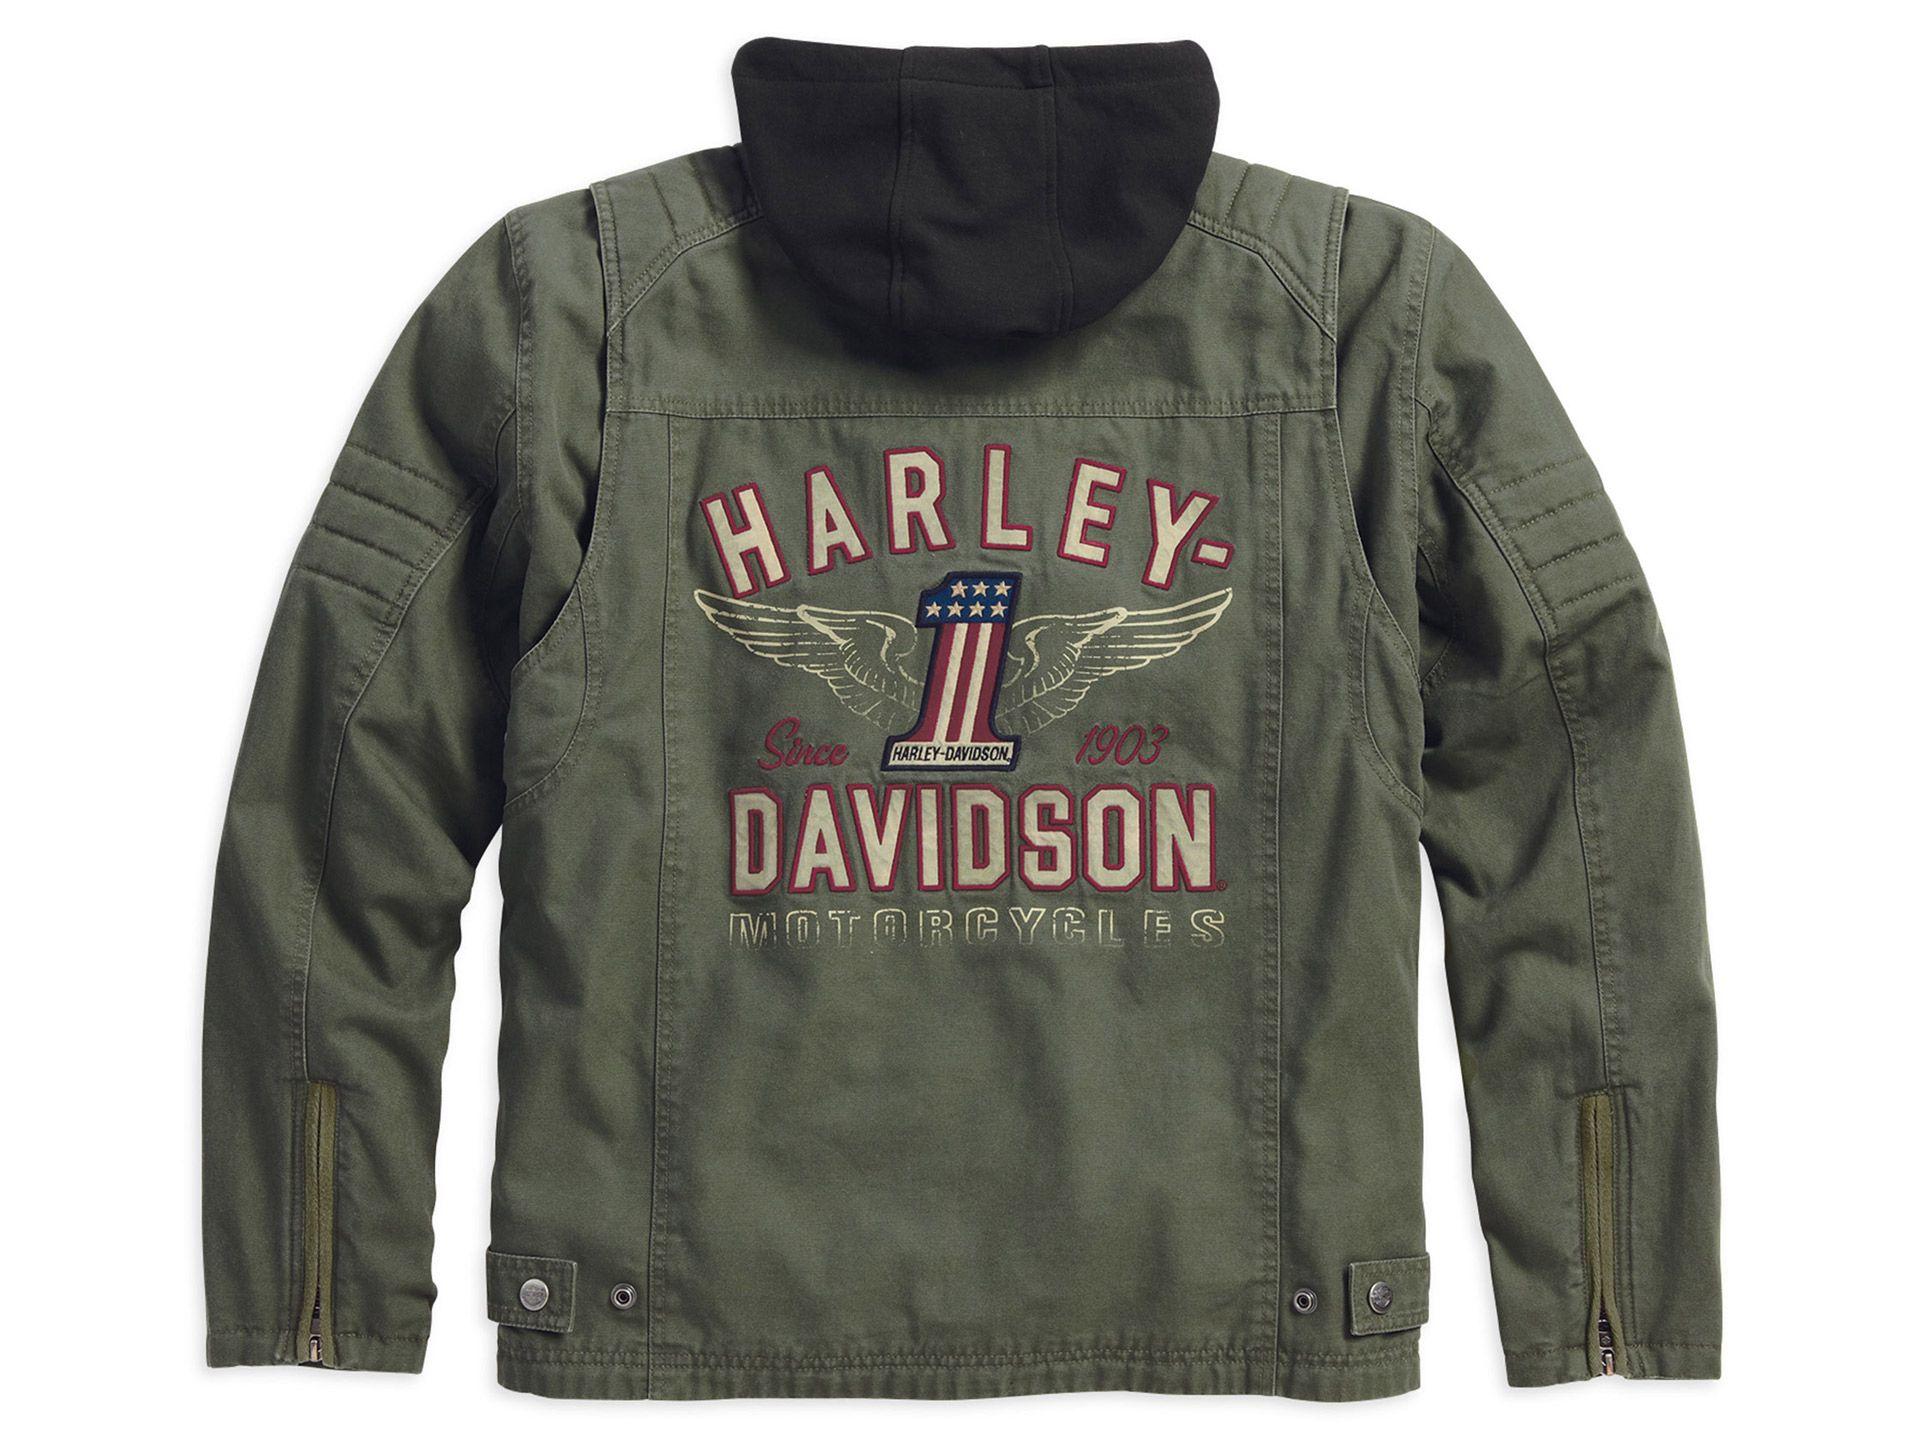 Harley Davidson Jacke Damen